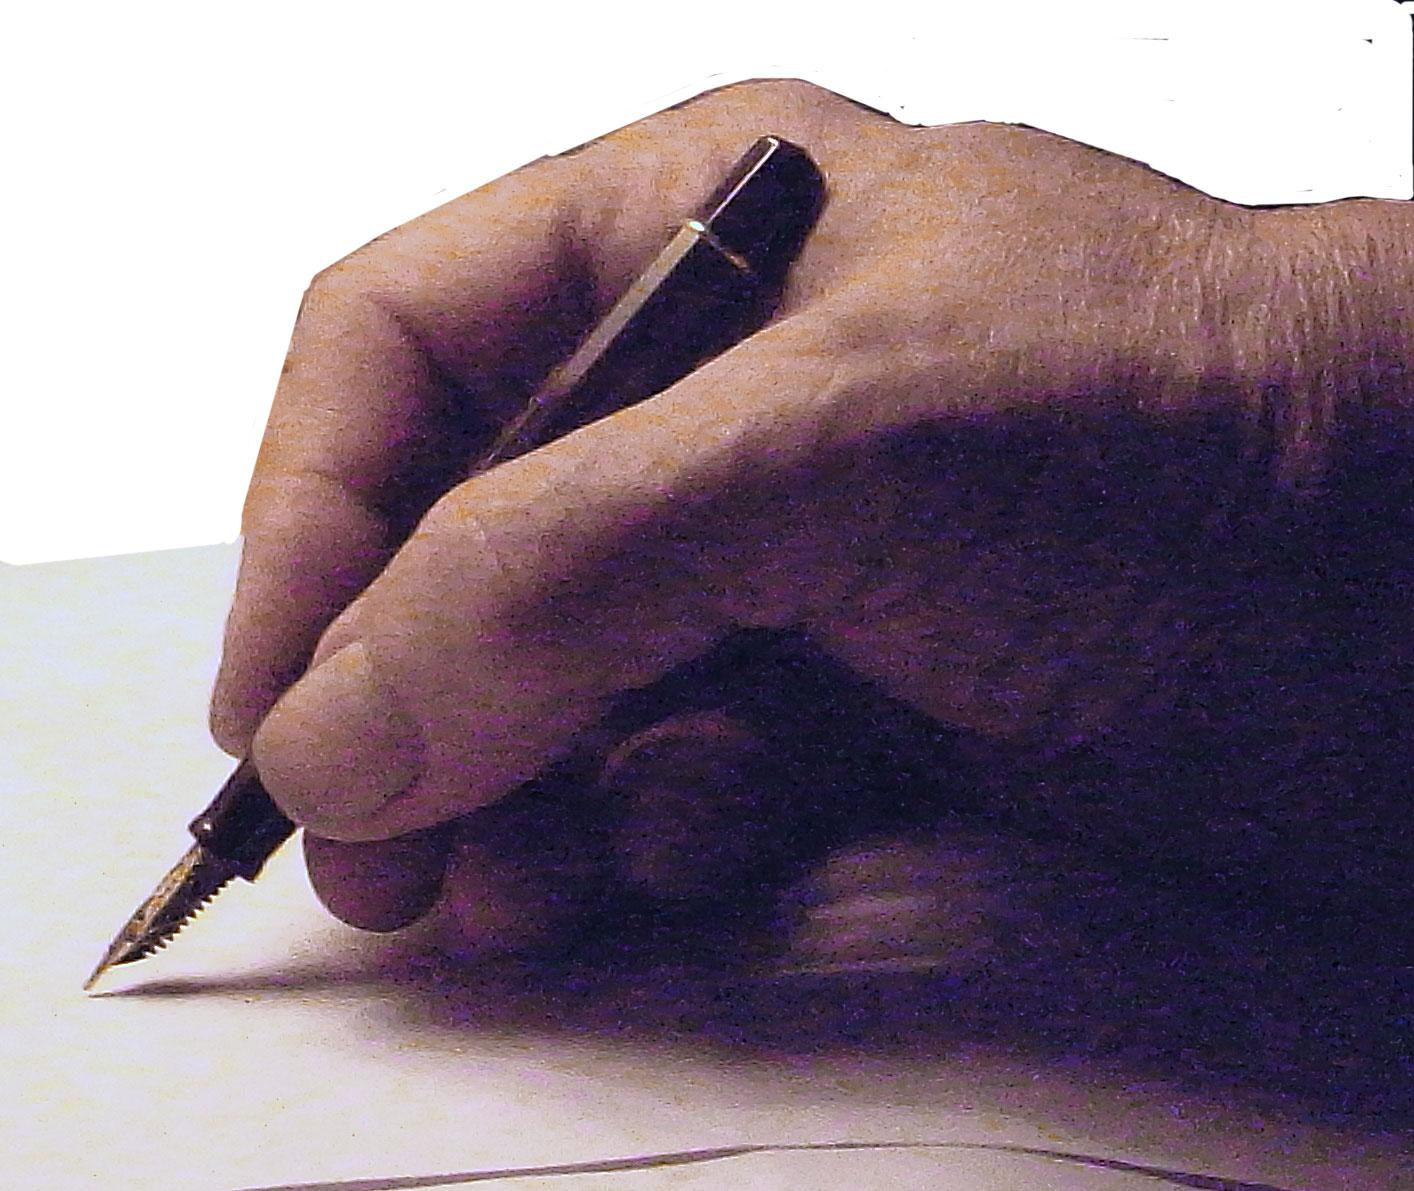 pen-in-hand-web.jpg